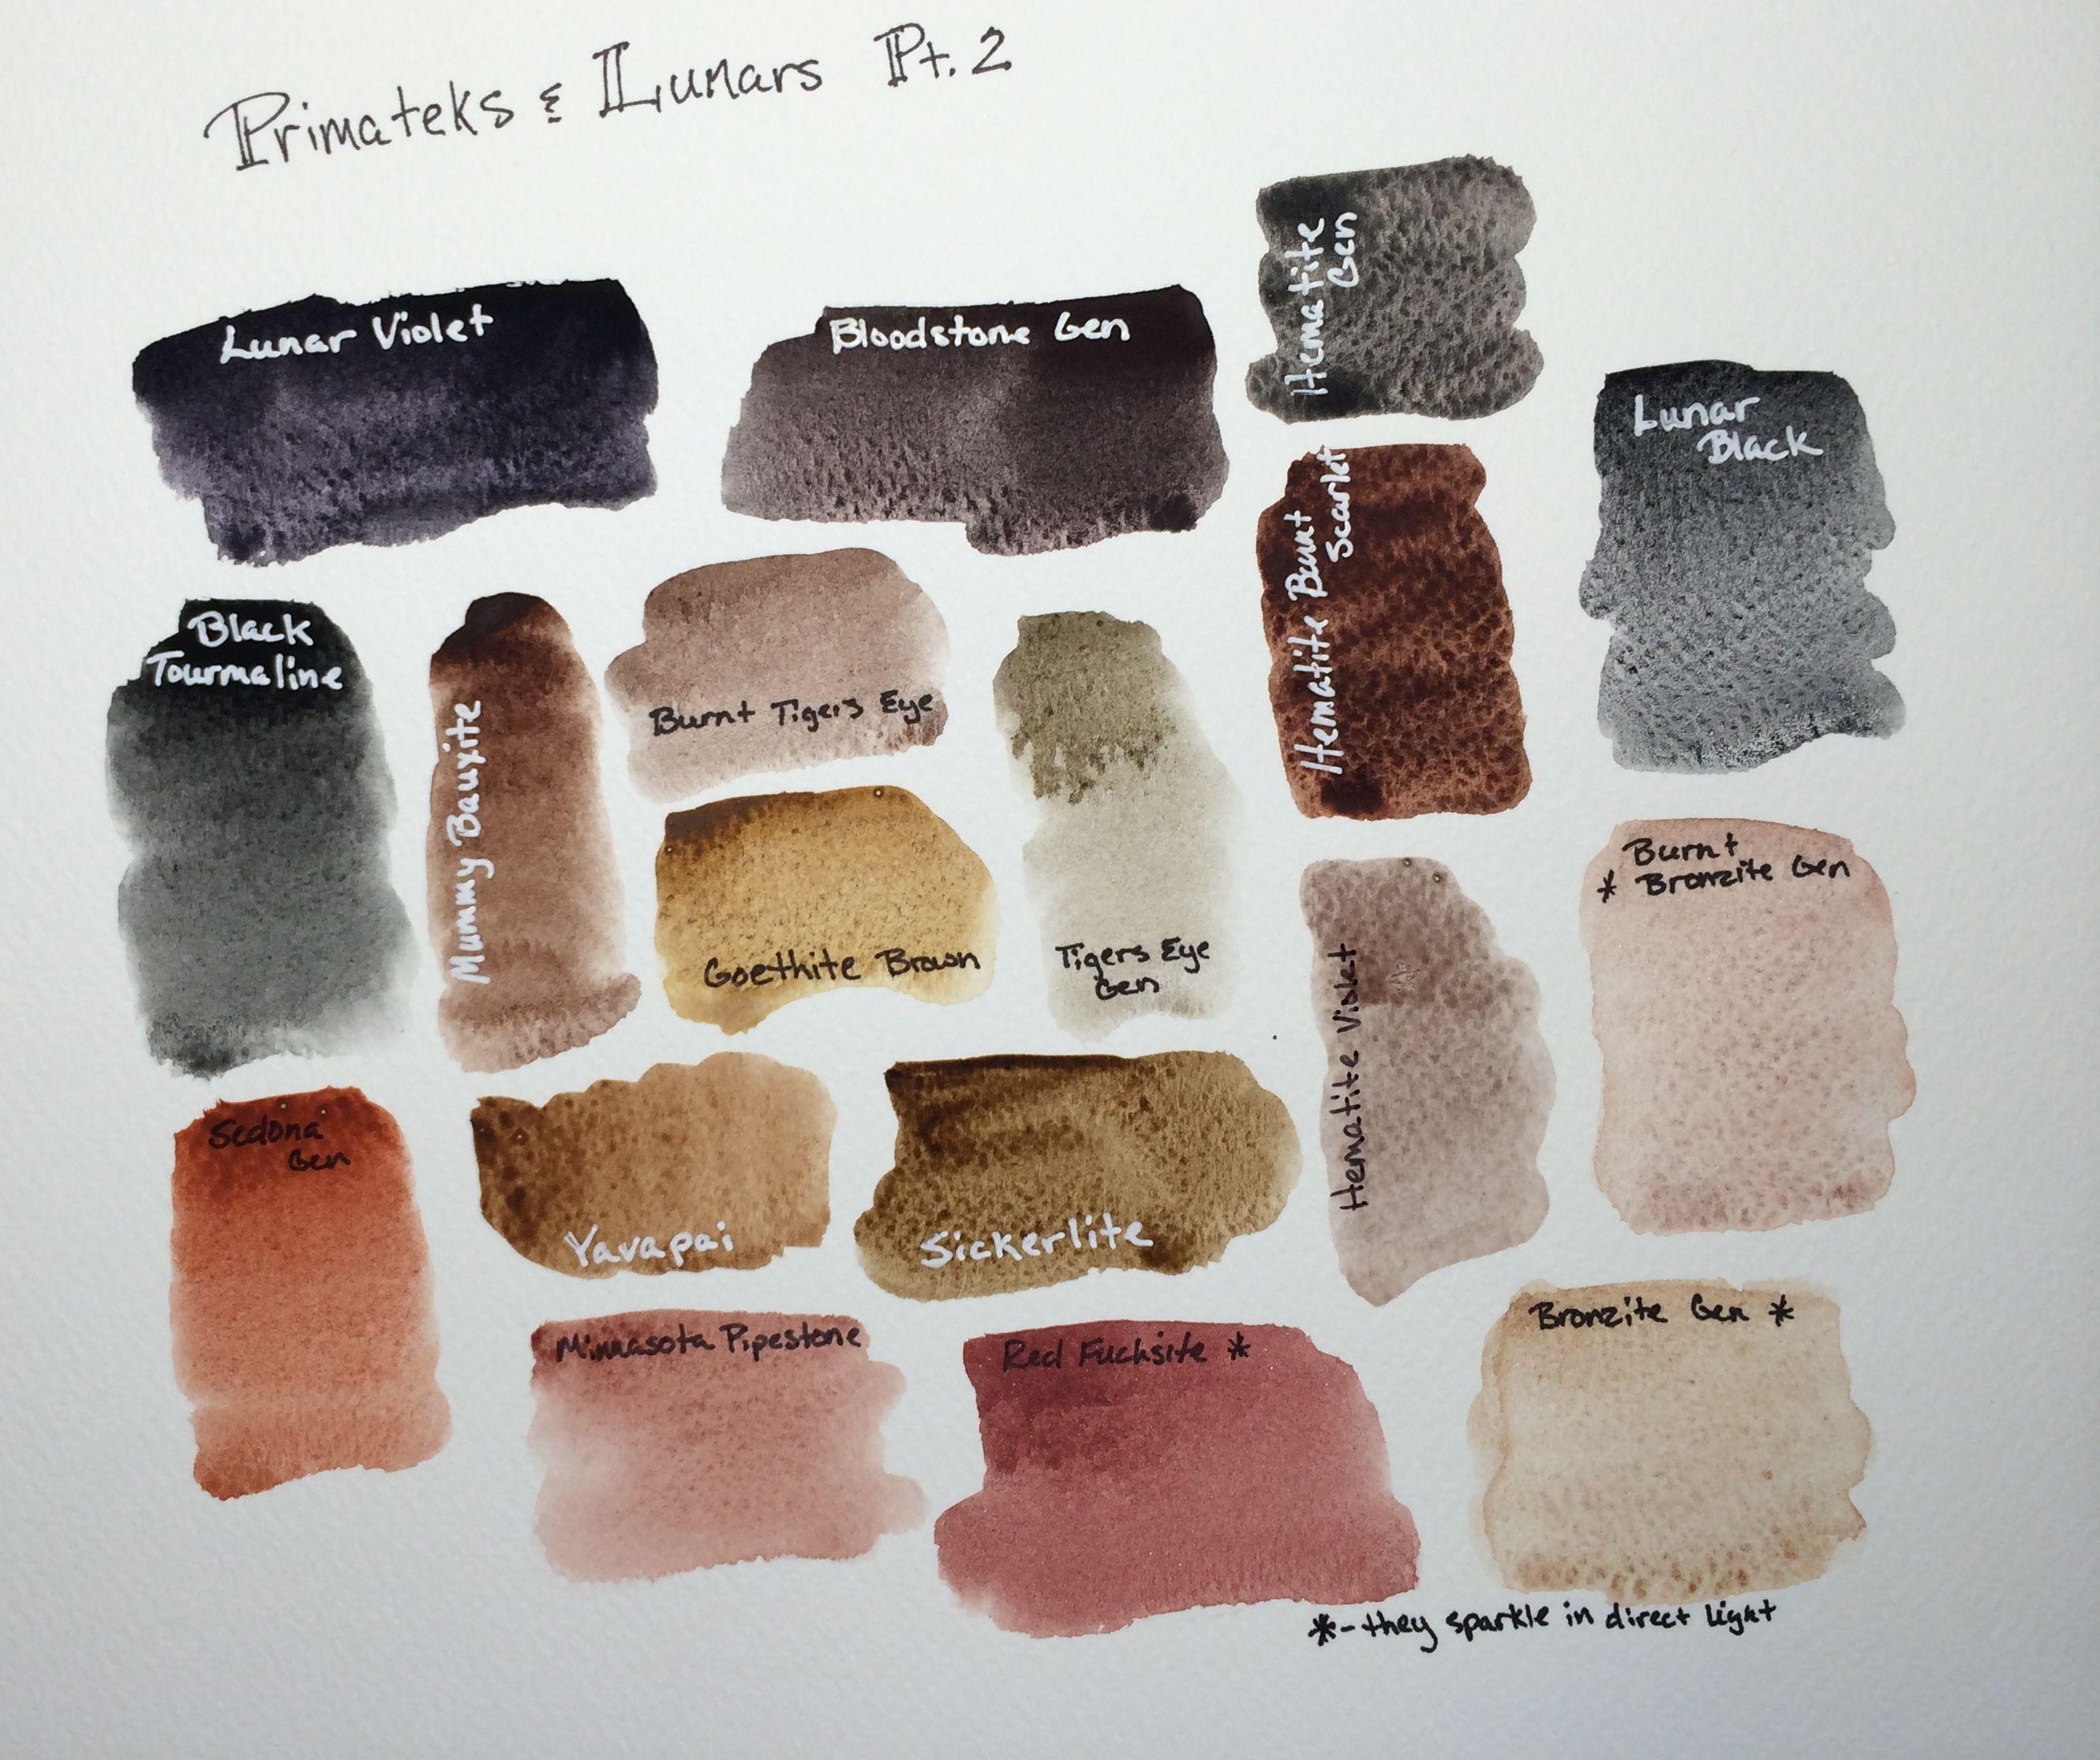 Daniel Smith Primatek And Lunars Watercolors Part 2 Watercolor